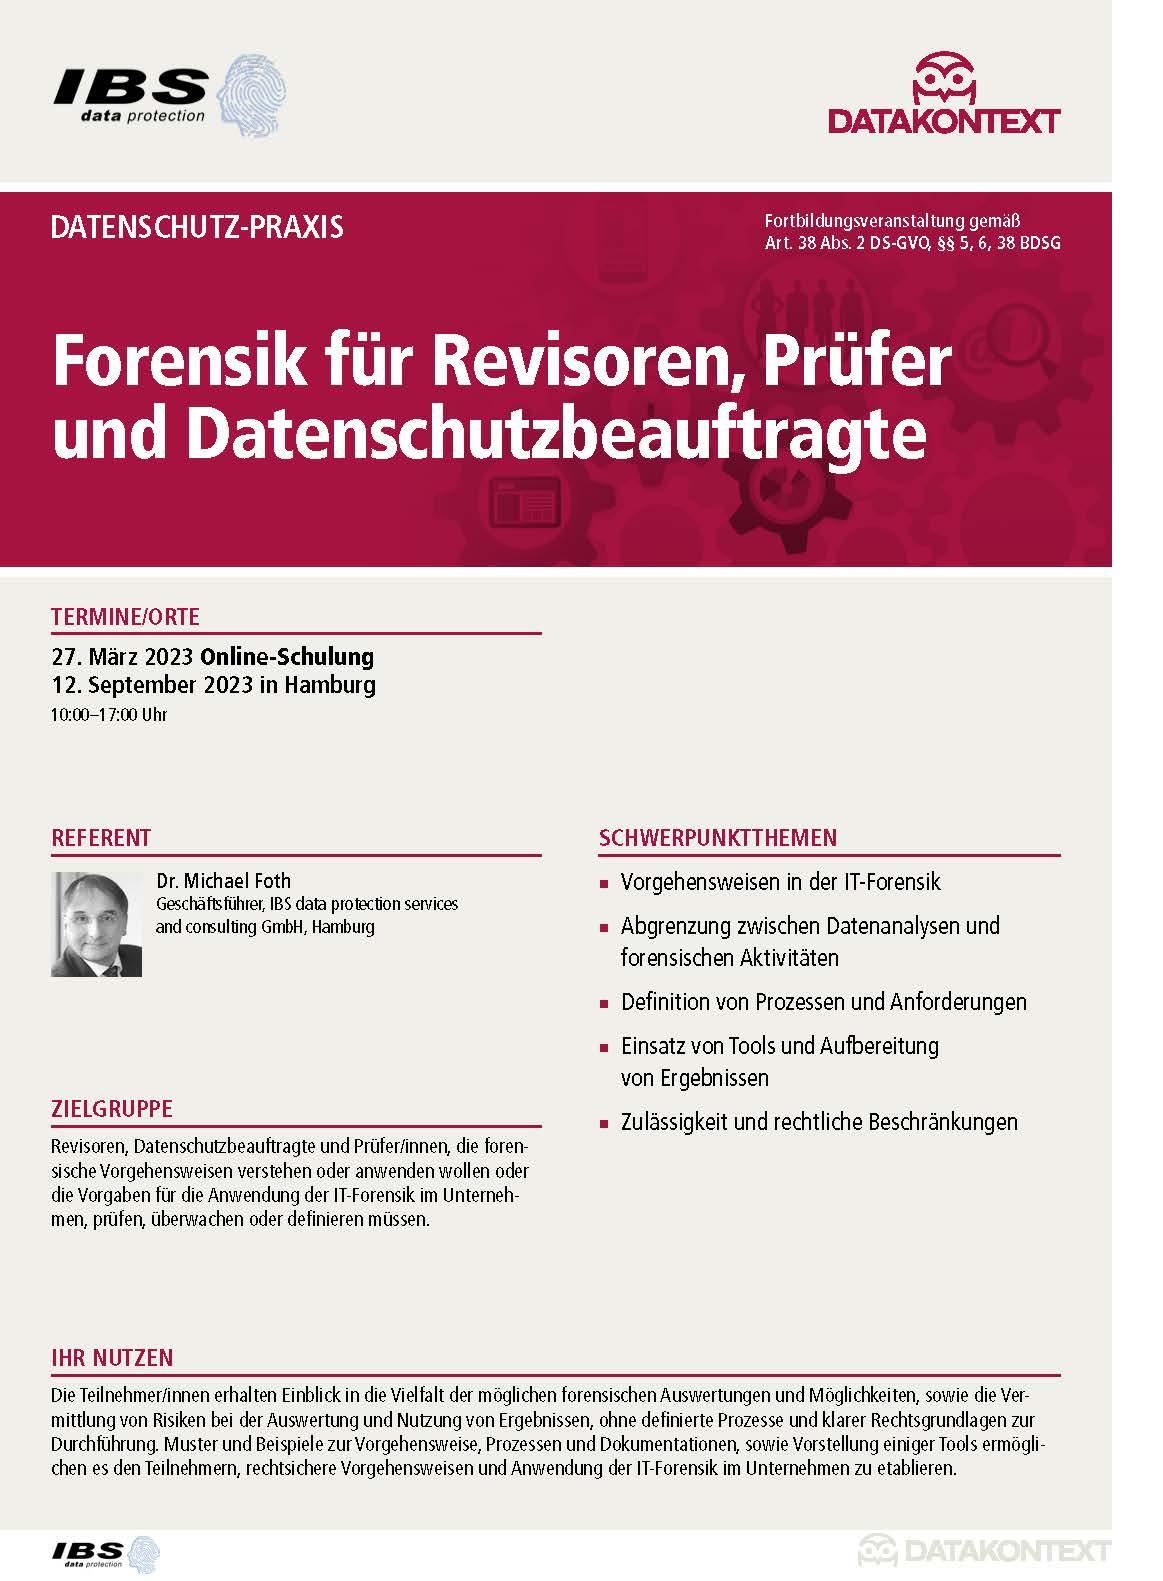 Forensik für Revisoren, Prüfer und Datenschutzbeauftragte